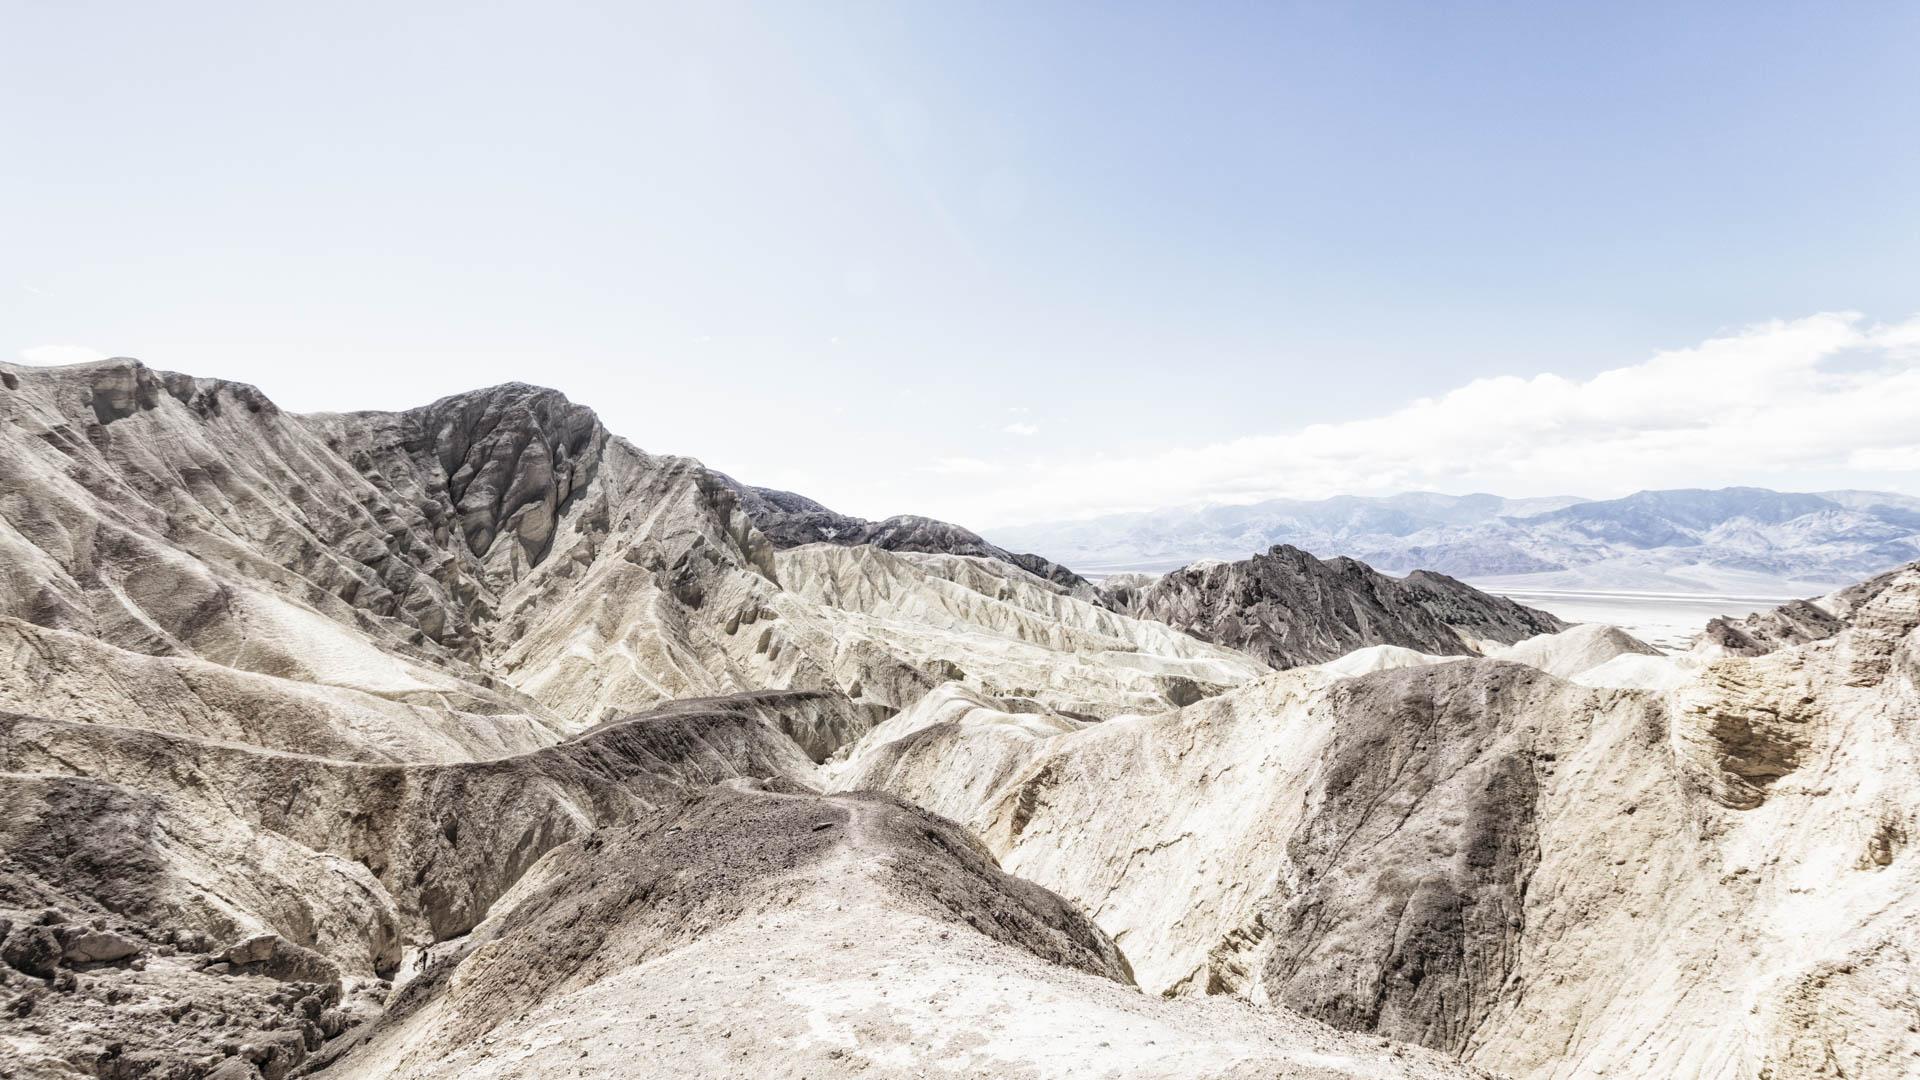 LDKphoto - Death Valley - 16.jpg